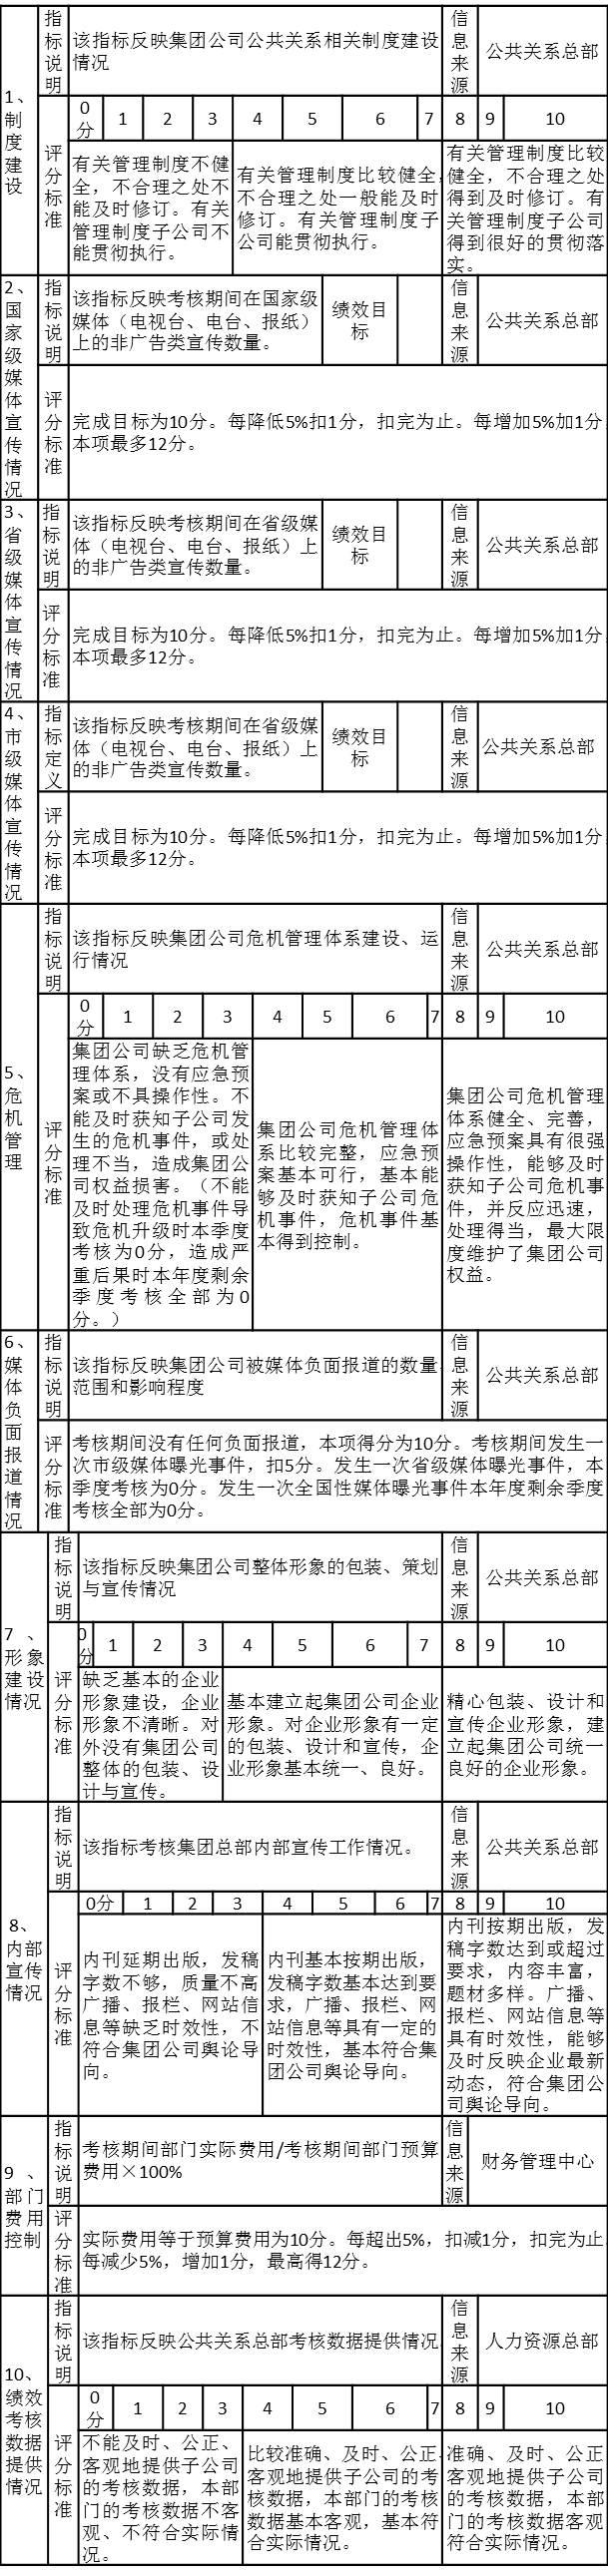 某集团公共关系总部考核注释表